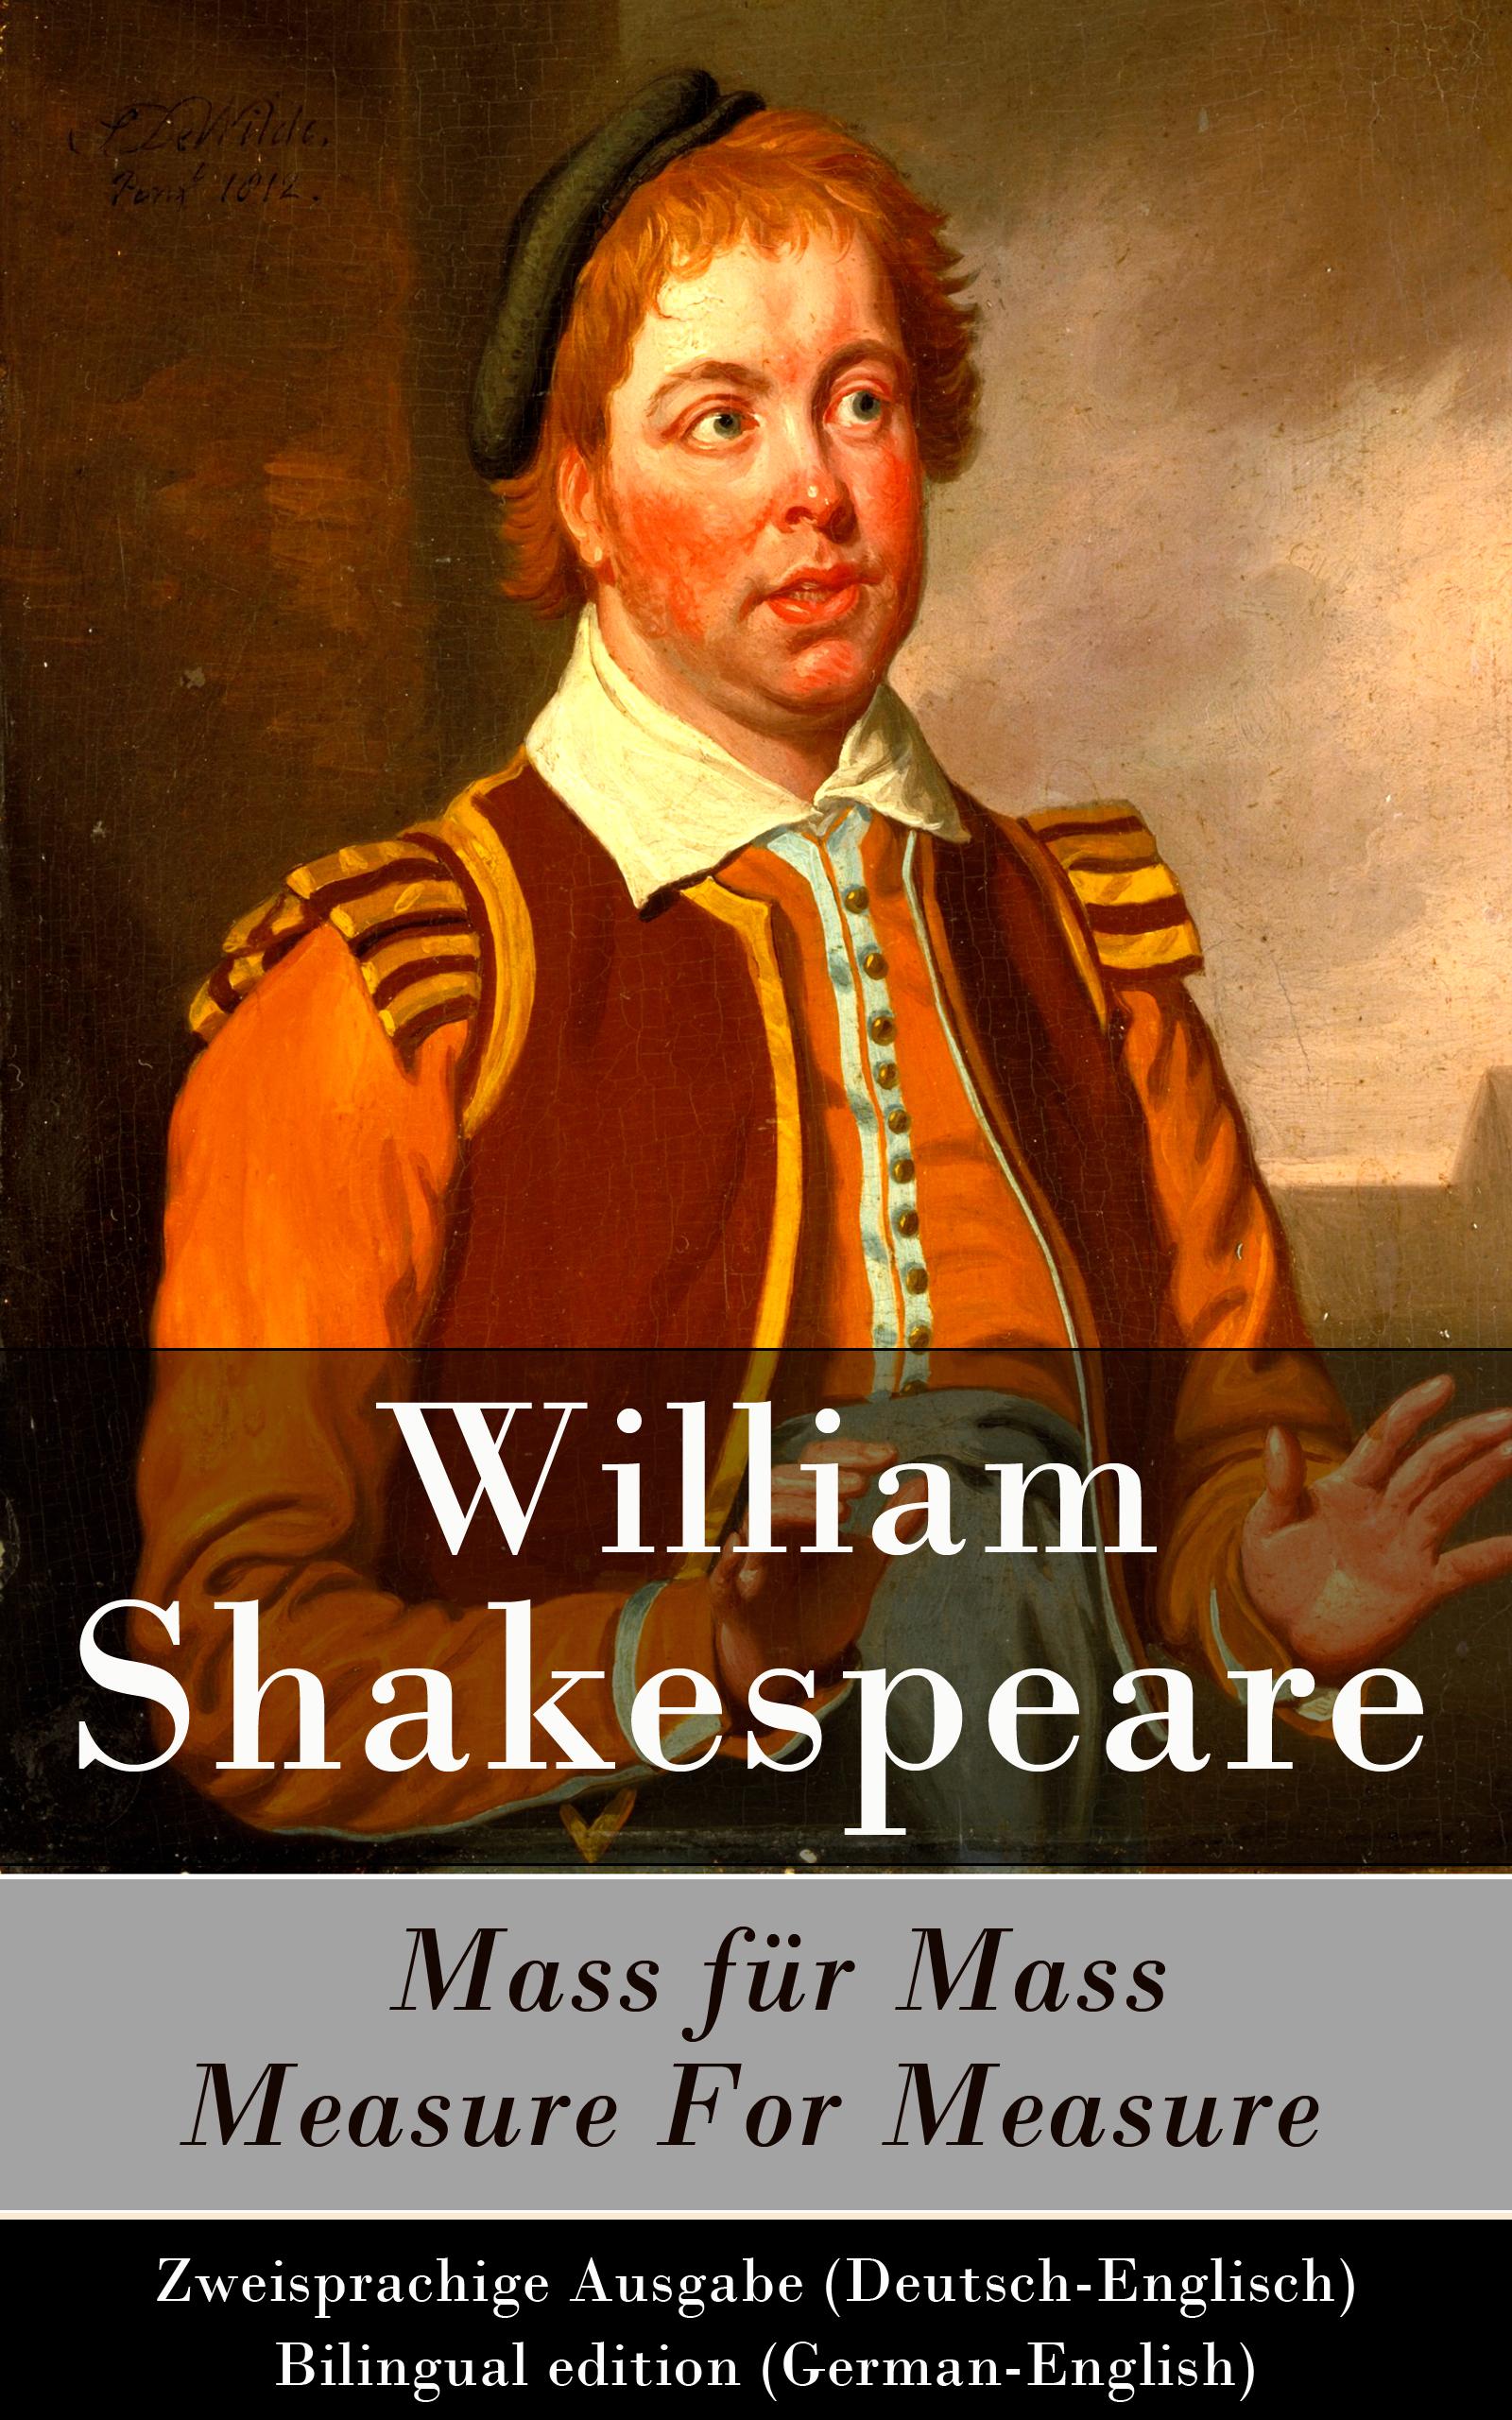 цена Уильям Шекспир Mass für Mass / Measure For Measure - Zweisprachige Ausgabe (Deutsch-Englisch) / Bilingual edition (German-English) онлайн в 2017 году